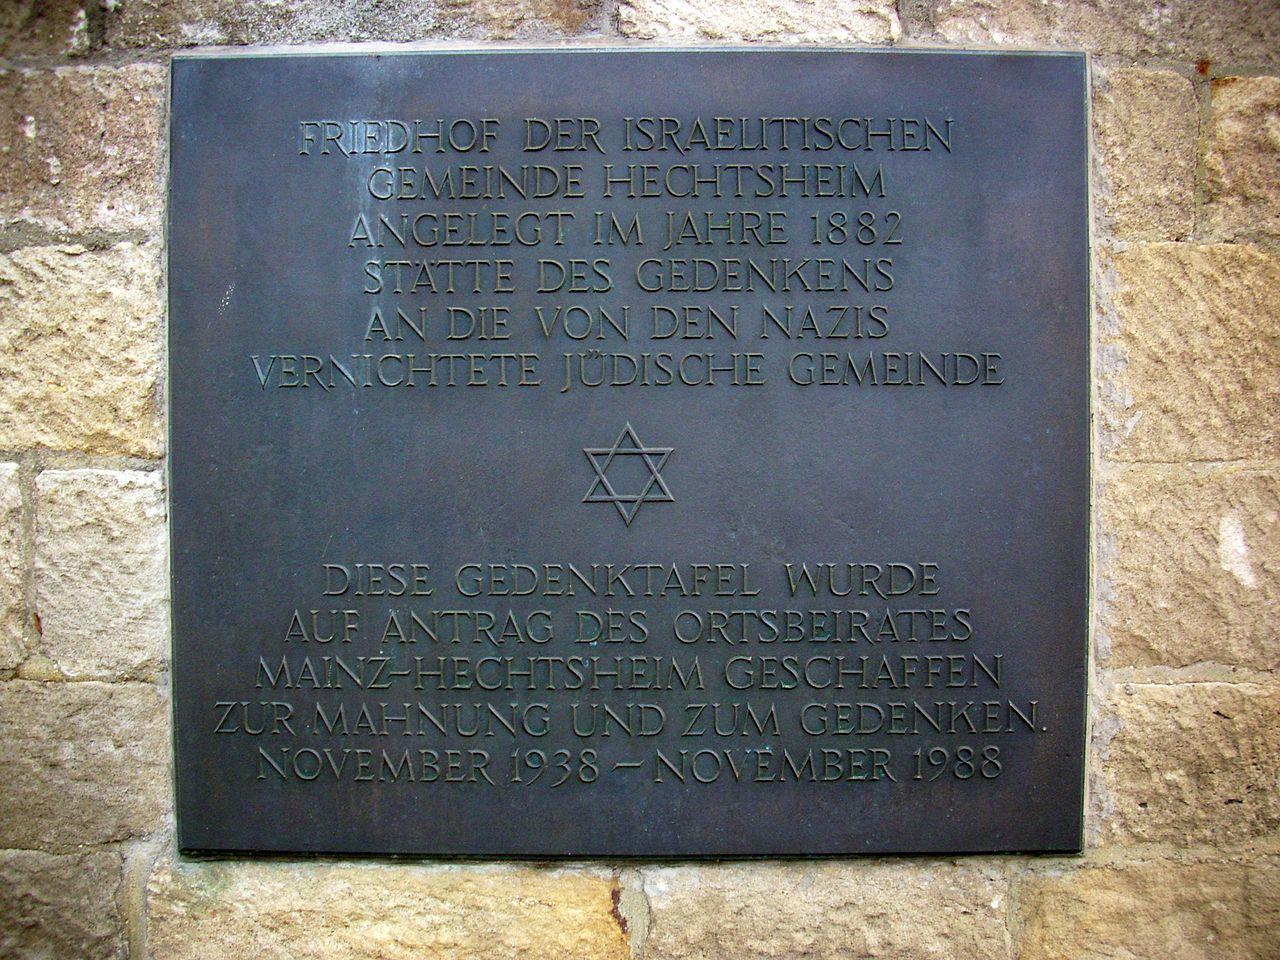 Jüdischer Friedhof Hechtsheim 1.JPG